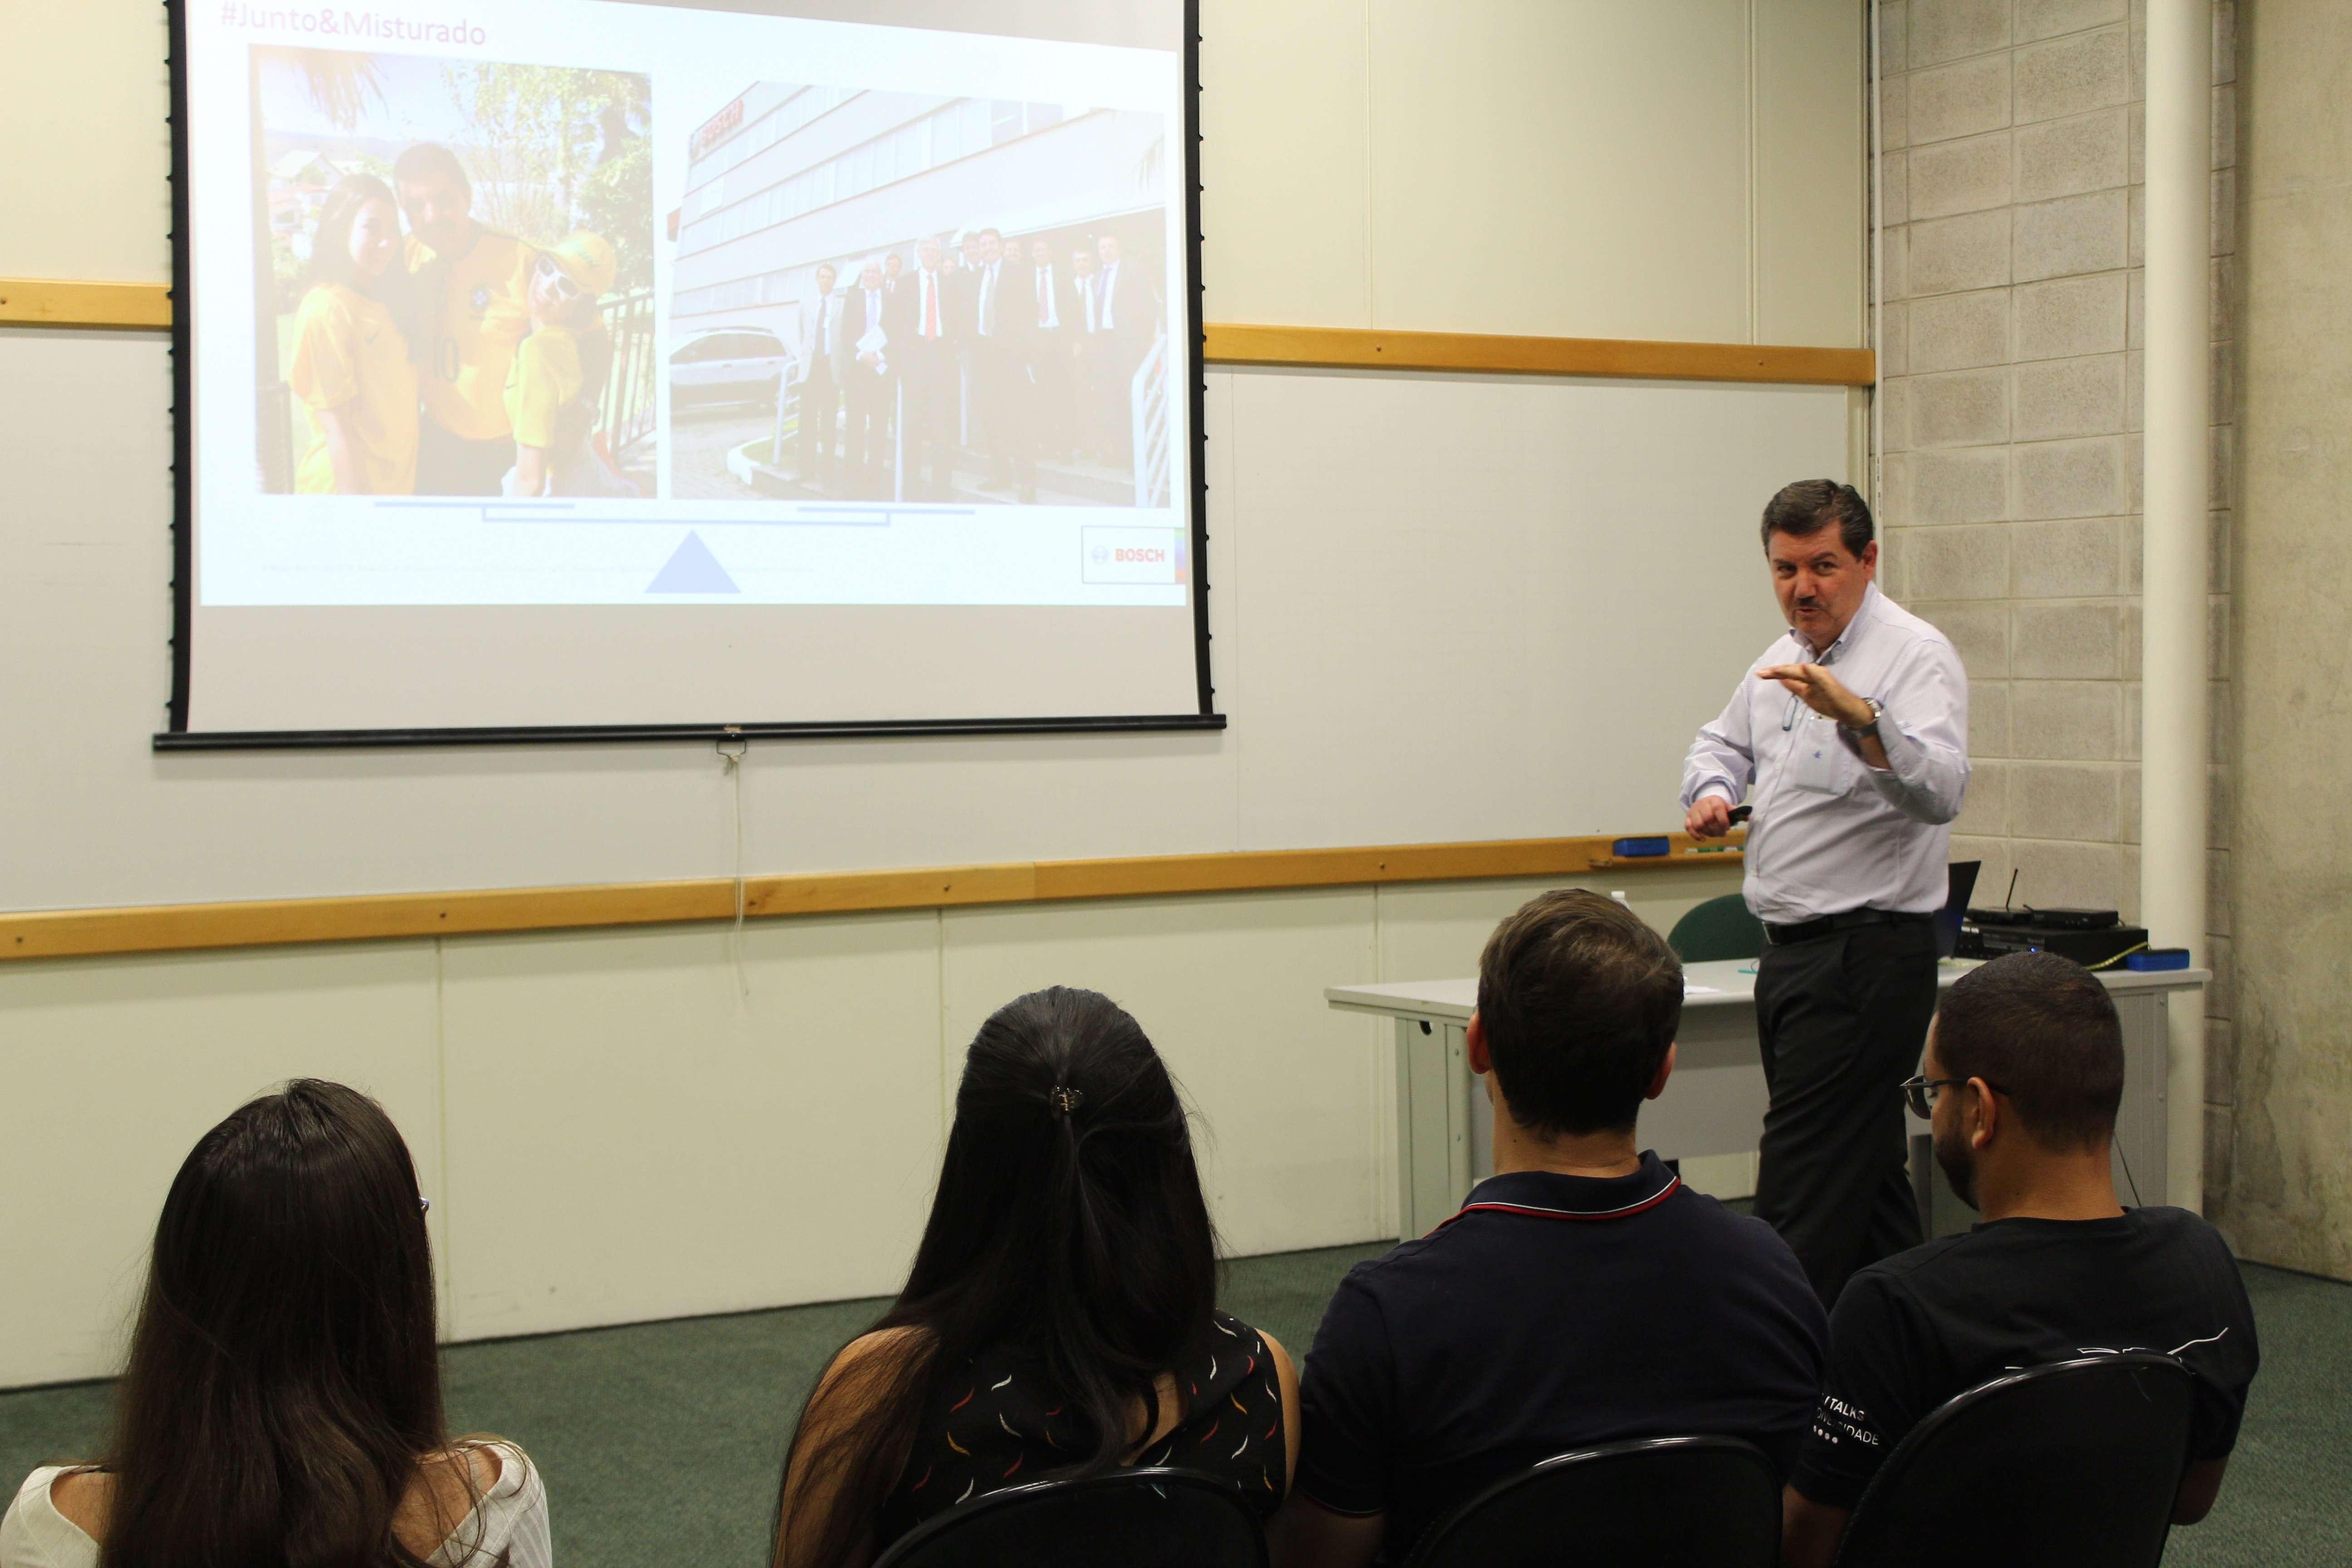 Transformação ágil Das Organizações é Tema De Palestra Na IBE Conveniada FGV Em Campinas